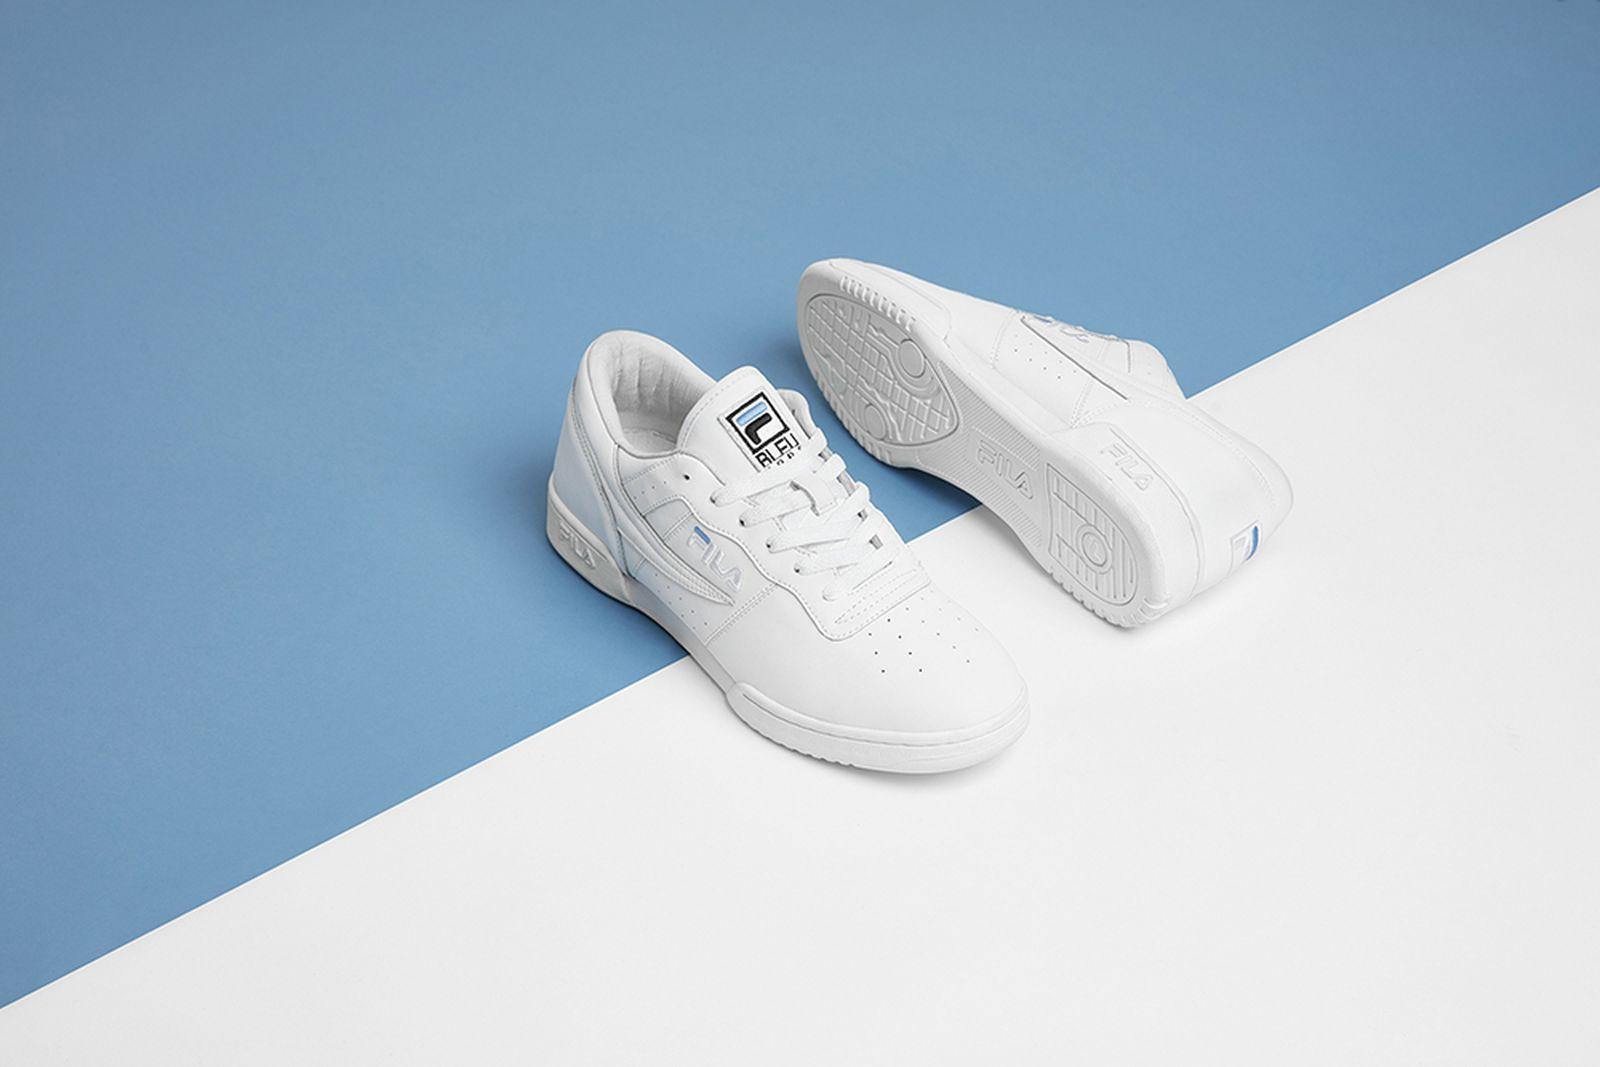 bleu-mode-fila-original-fitness-zipper-release-date-price-03